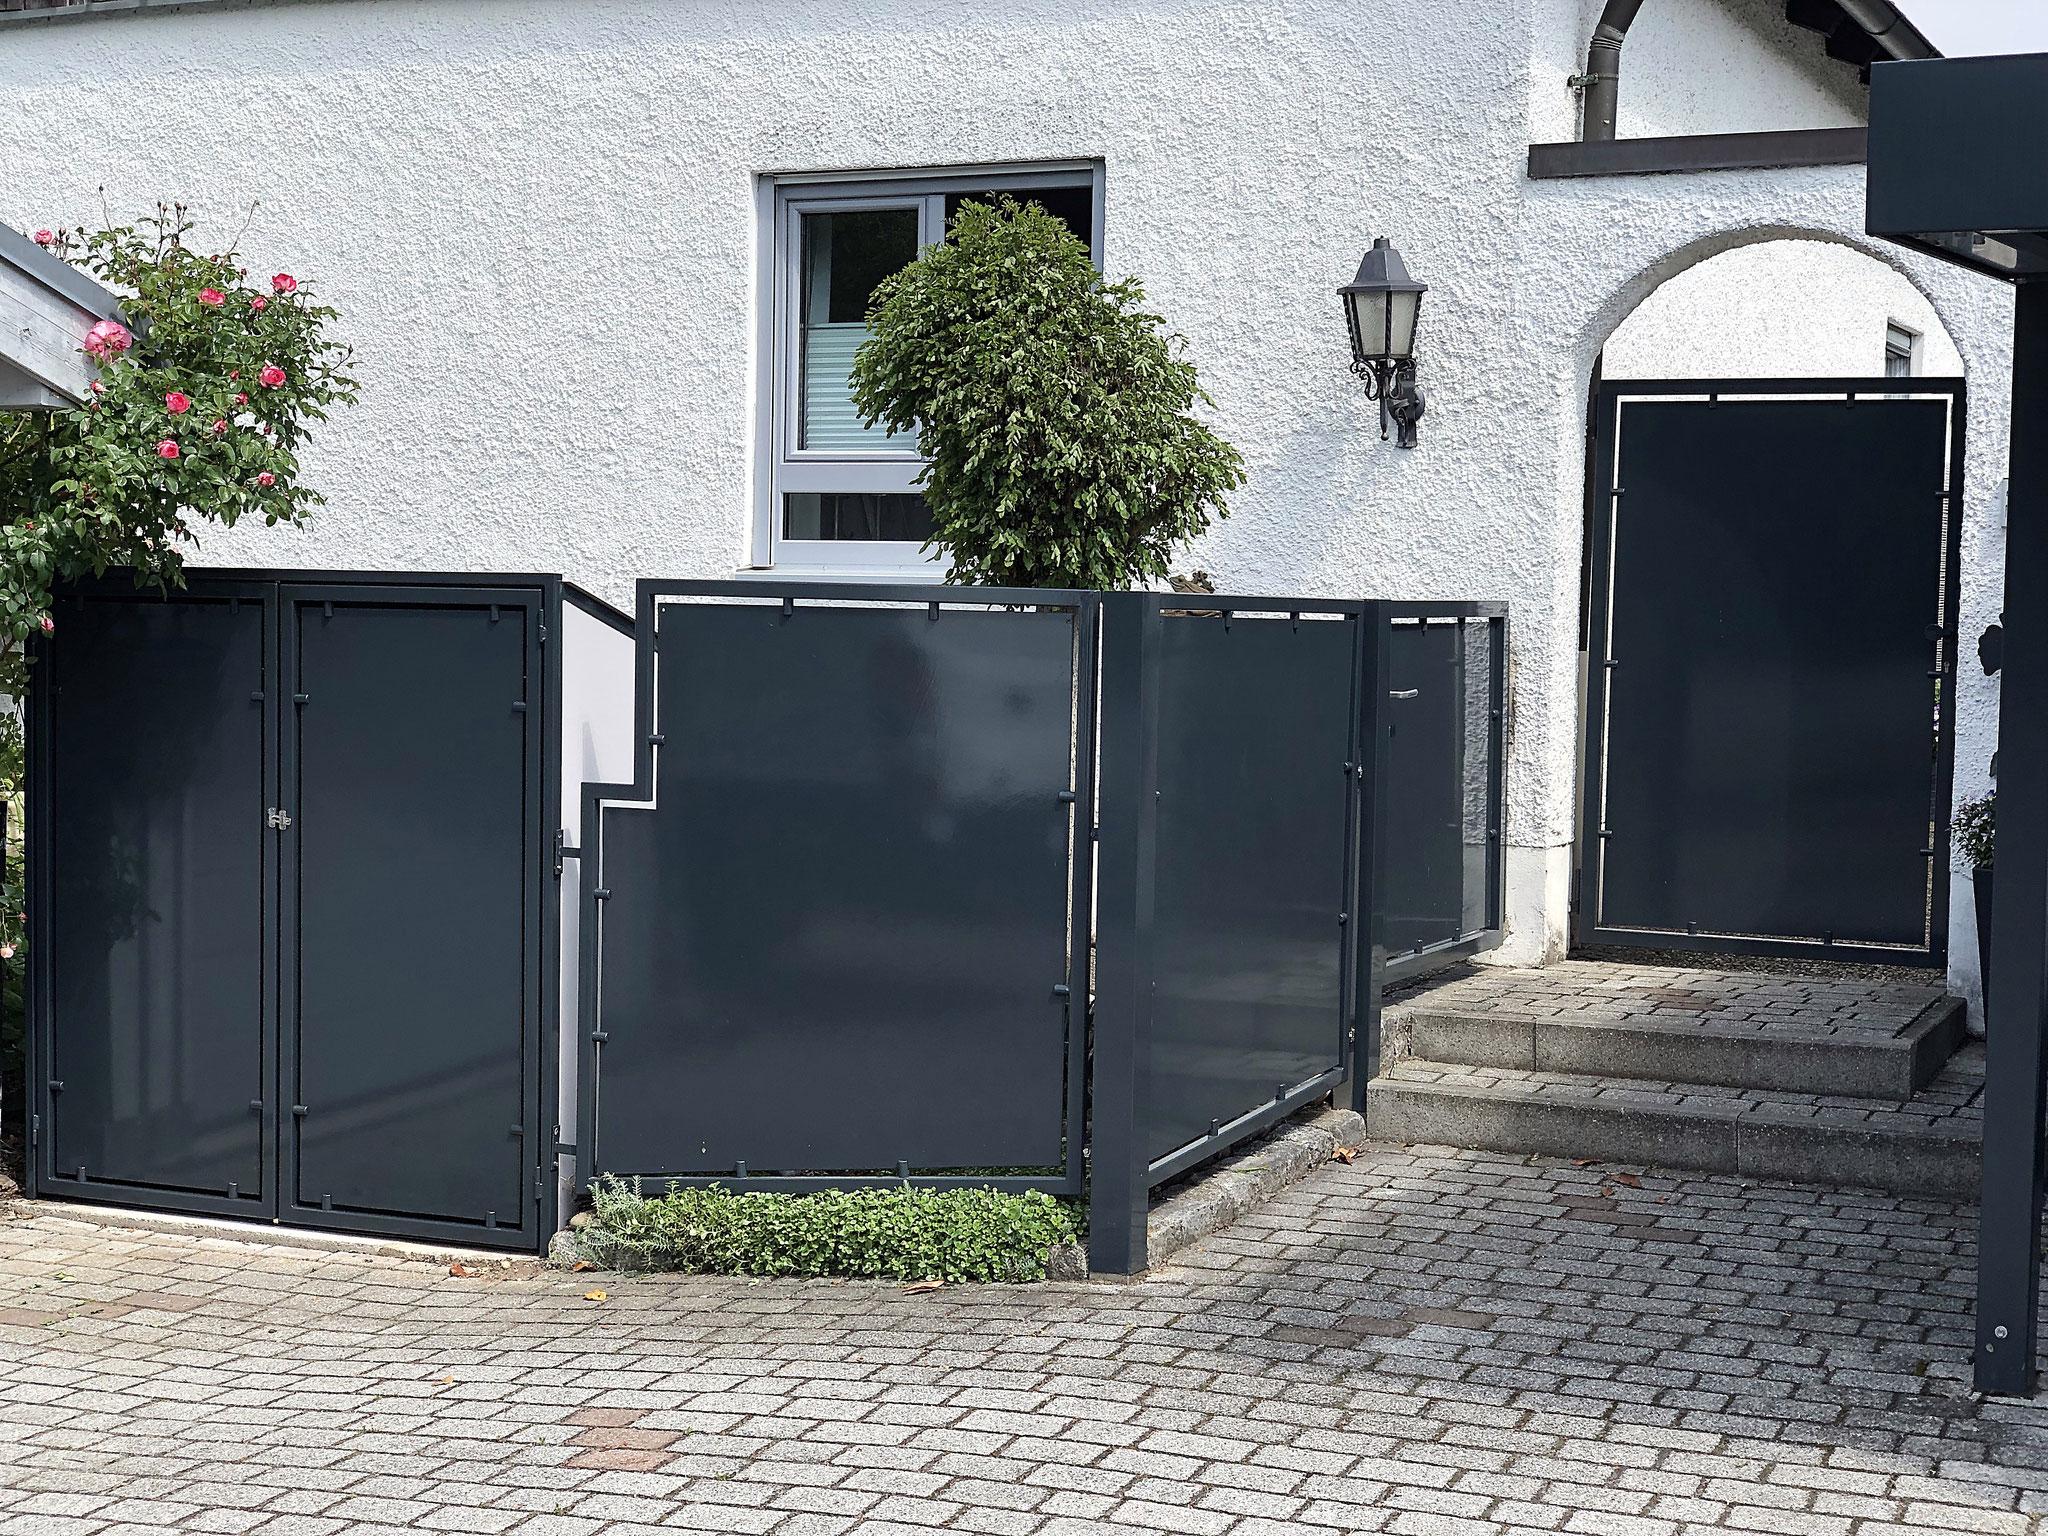 Zwischentüre, Mülltonnenhäuschen, Verkleidung, Zaunelement und Gartentüre verzinkt und pulverbeschichtet